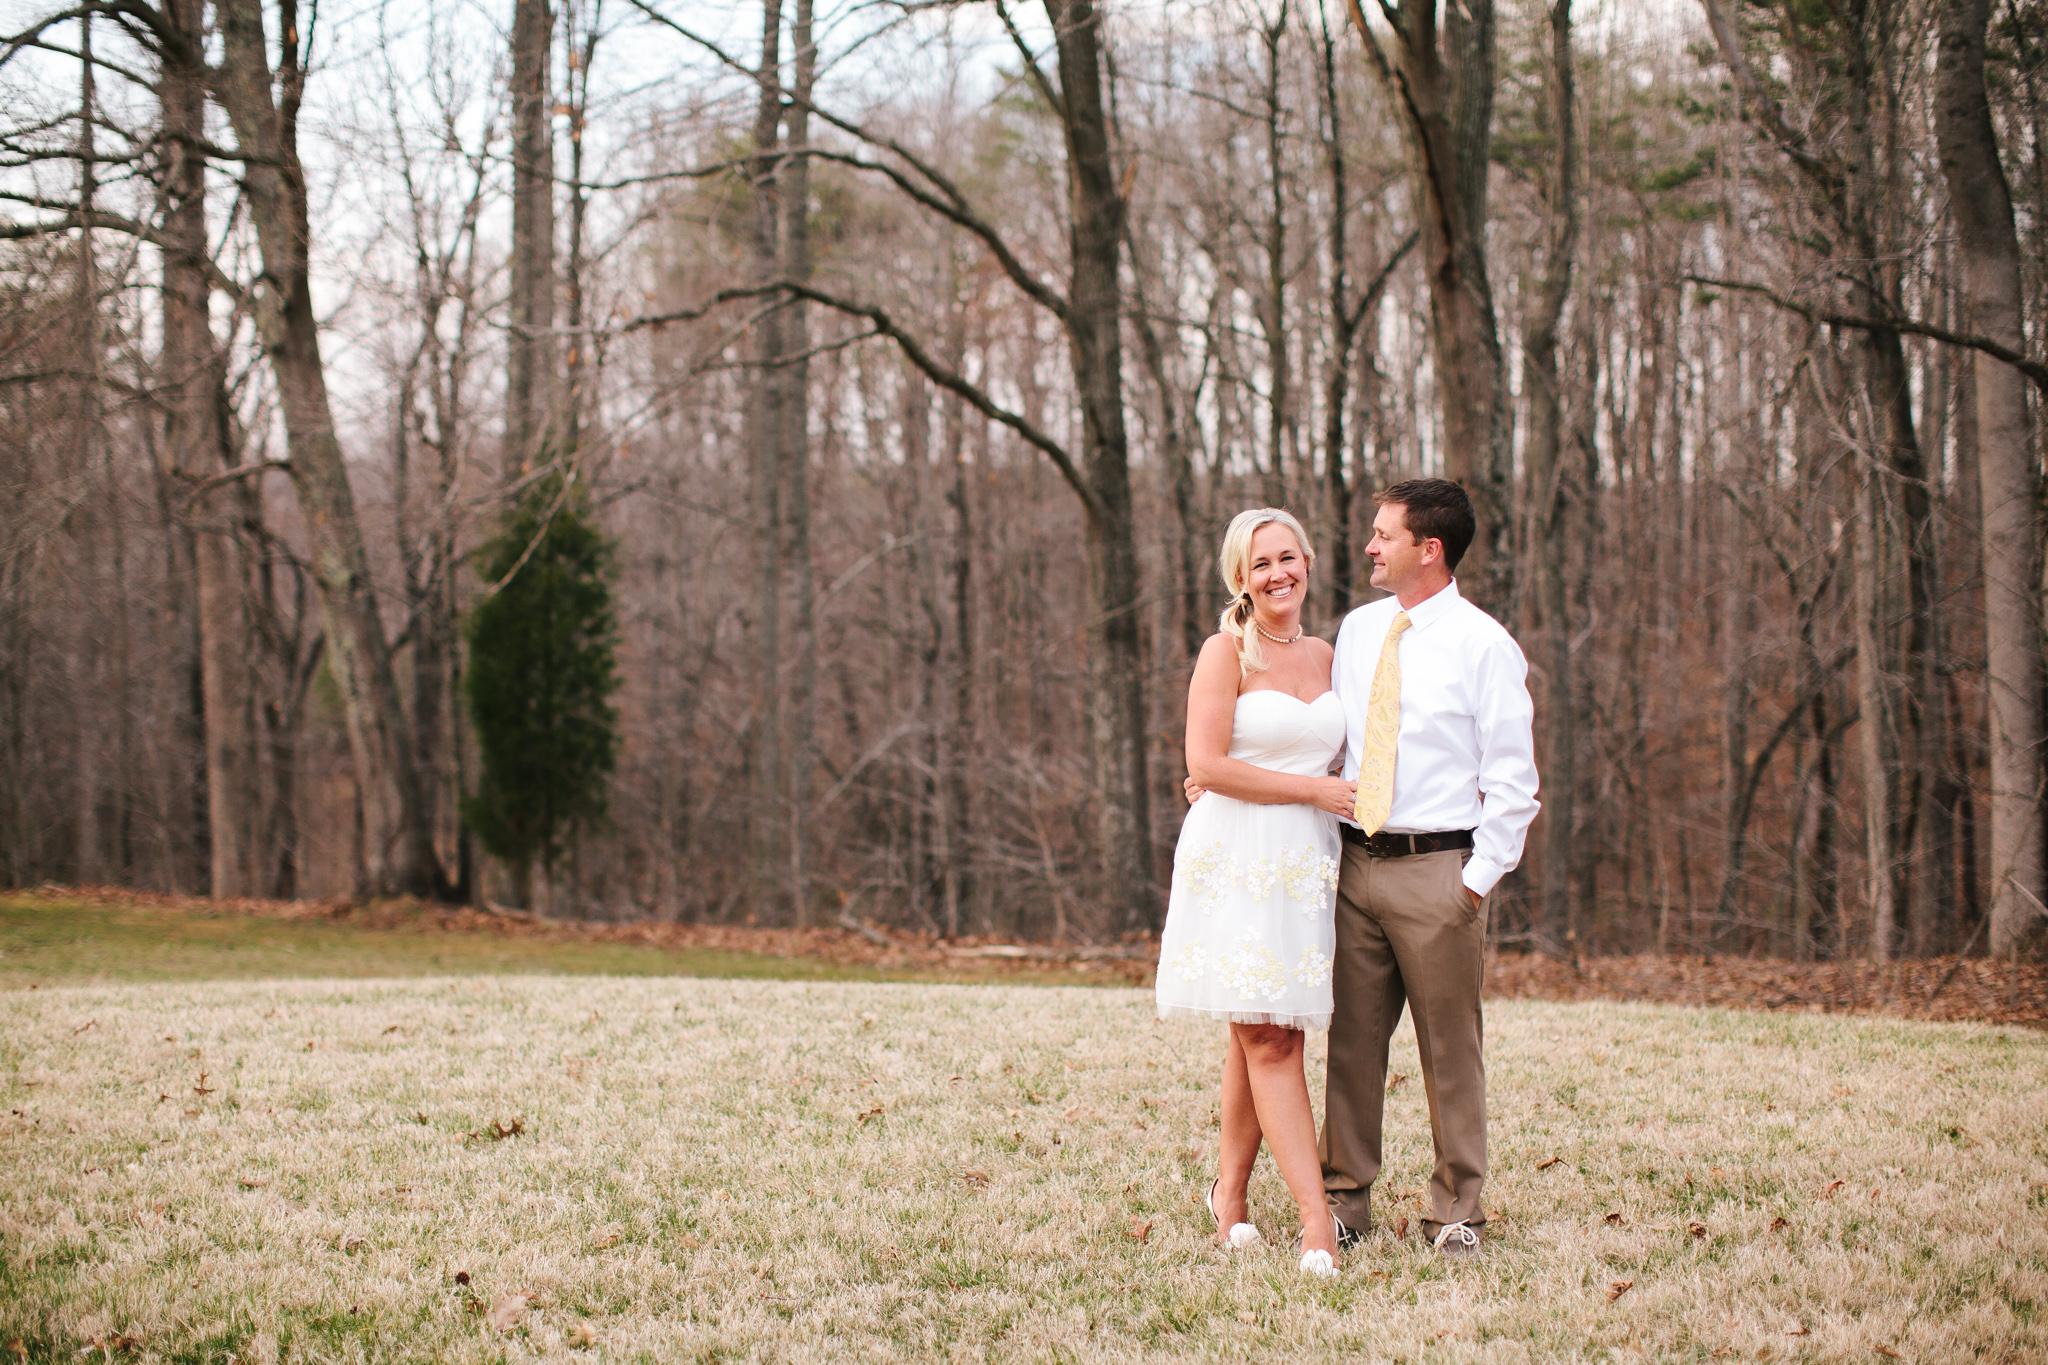 north_carolina_wedding_portraits_tierney_cyanne_photography_1433.jpg